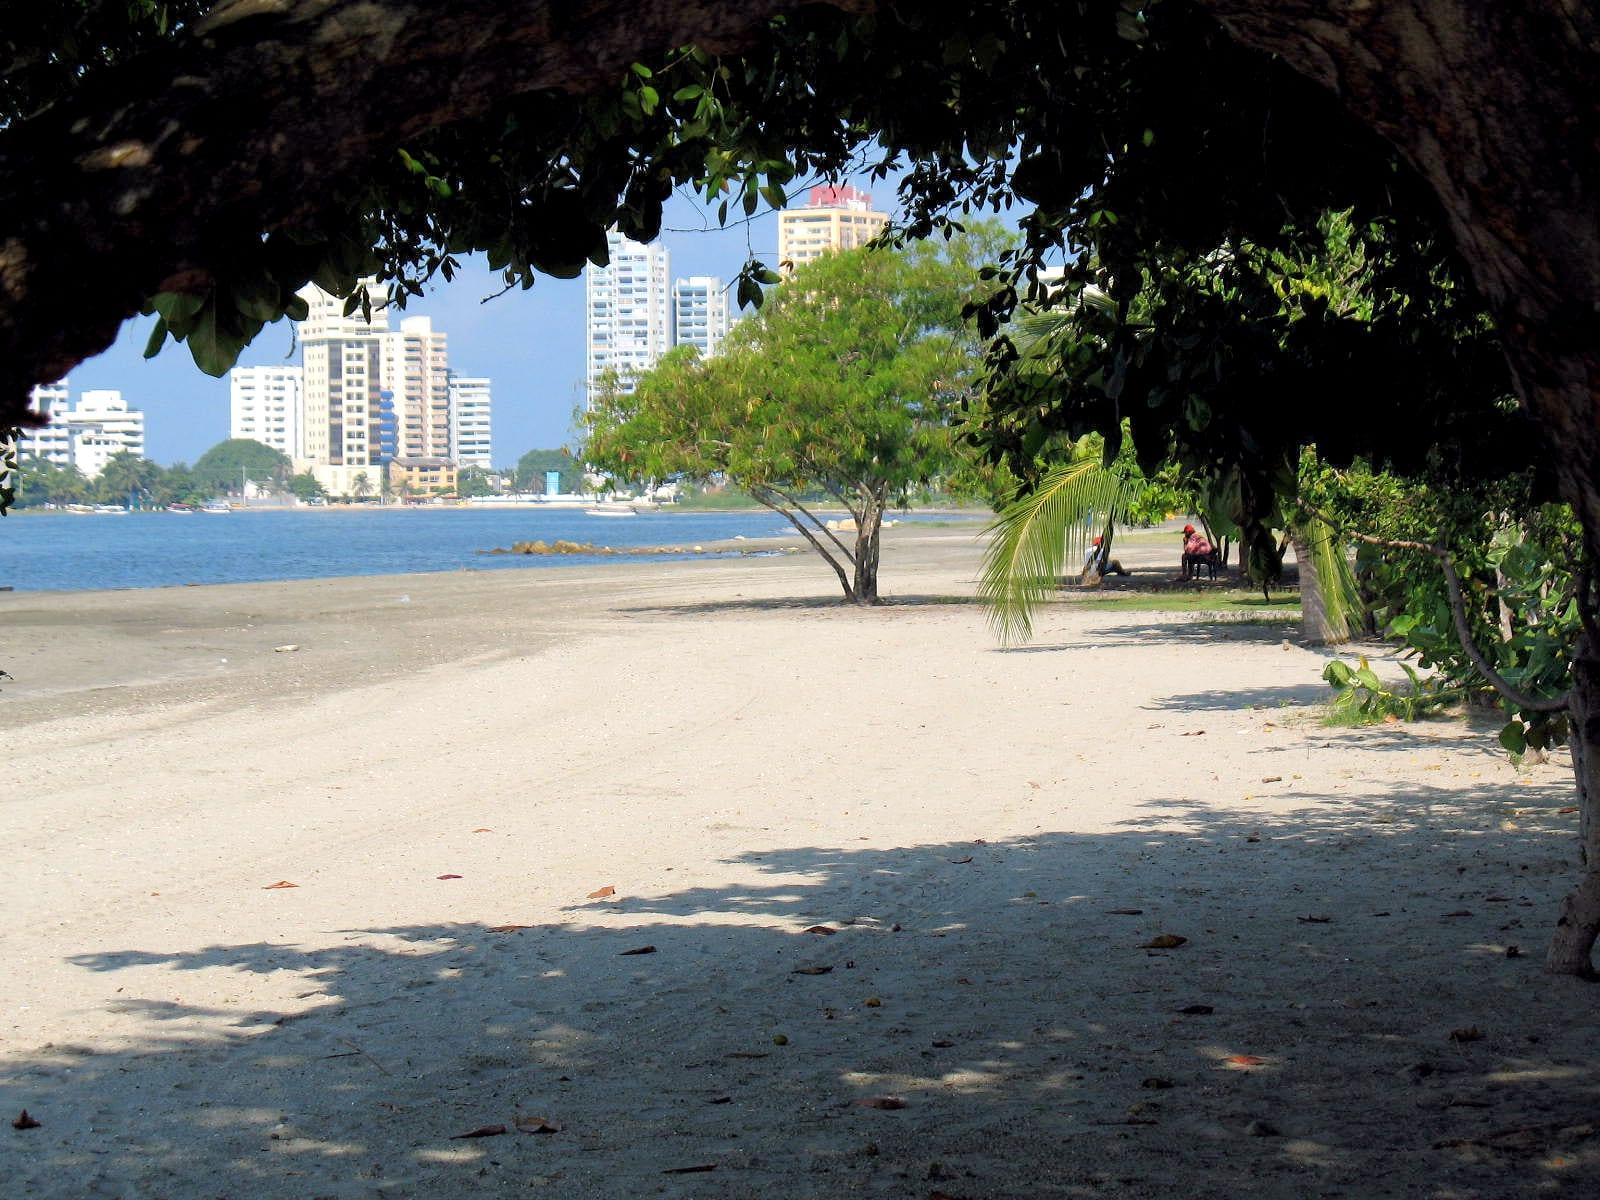 Castillo Grand Beach